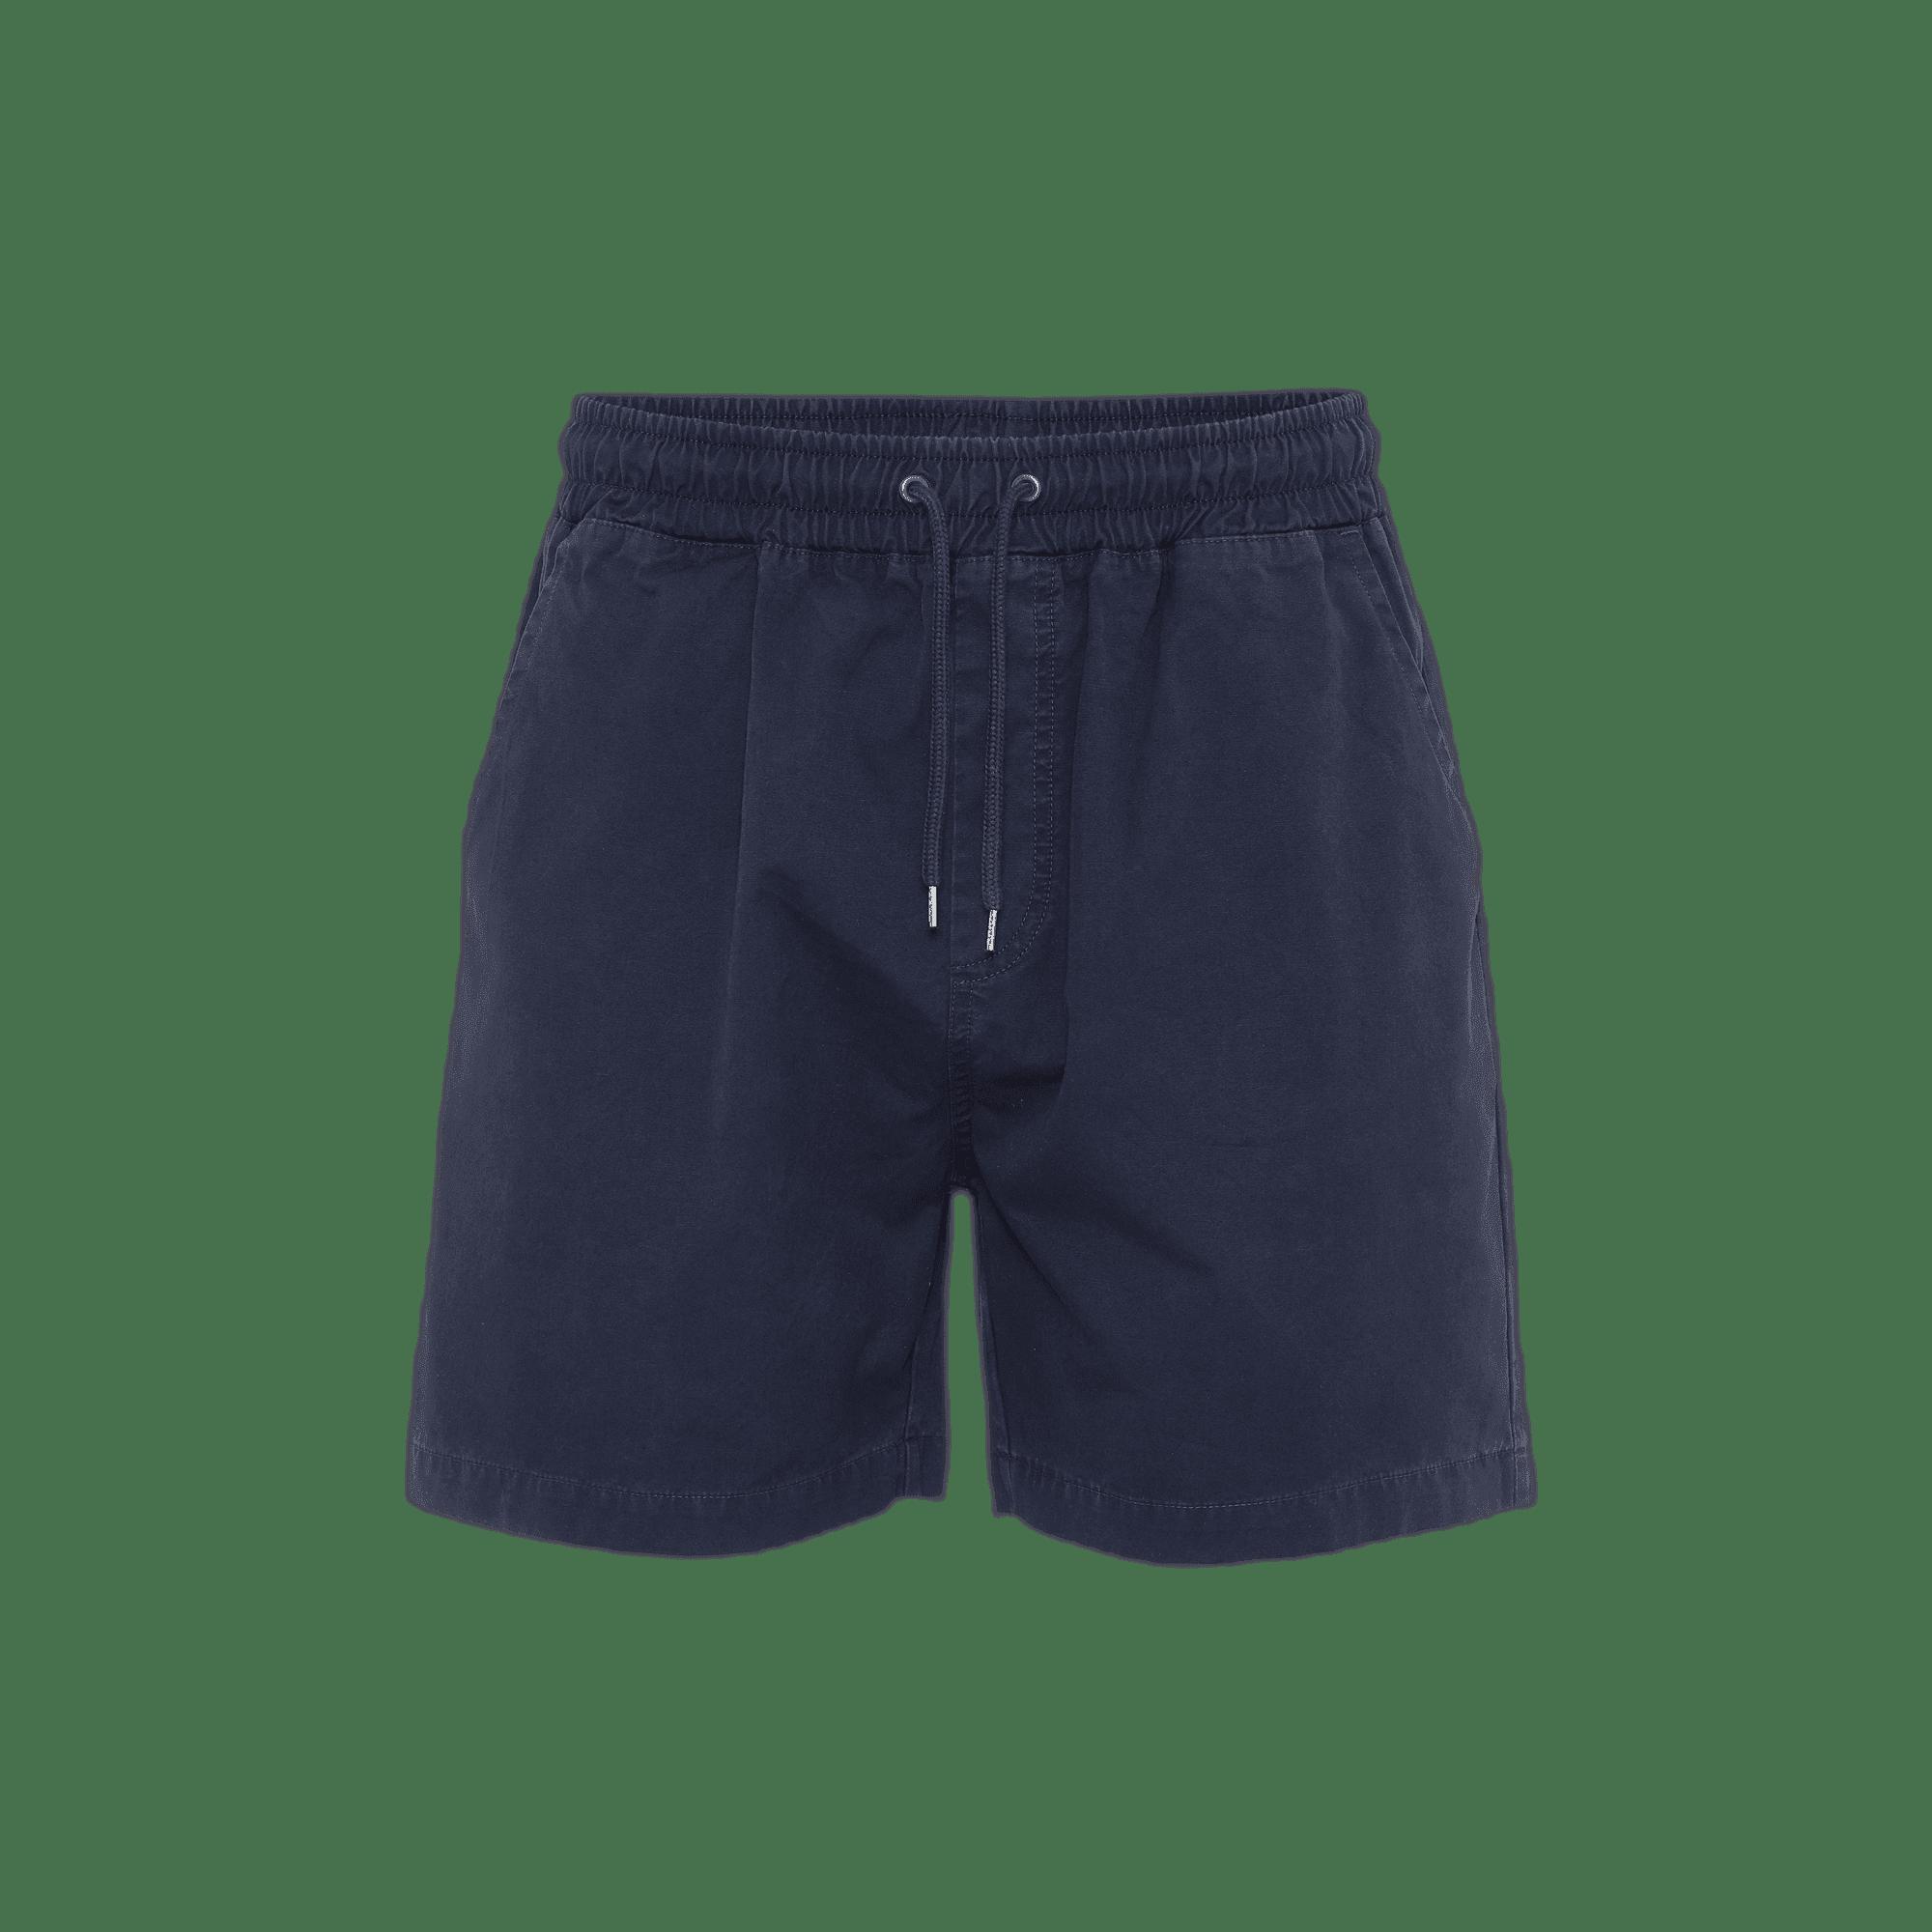 Organic twill shorts